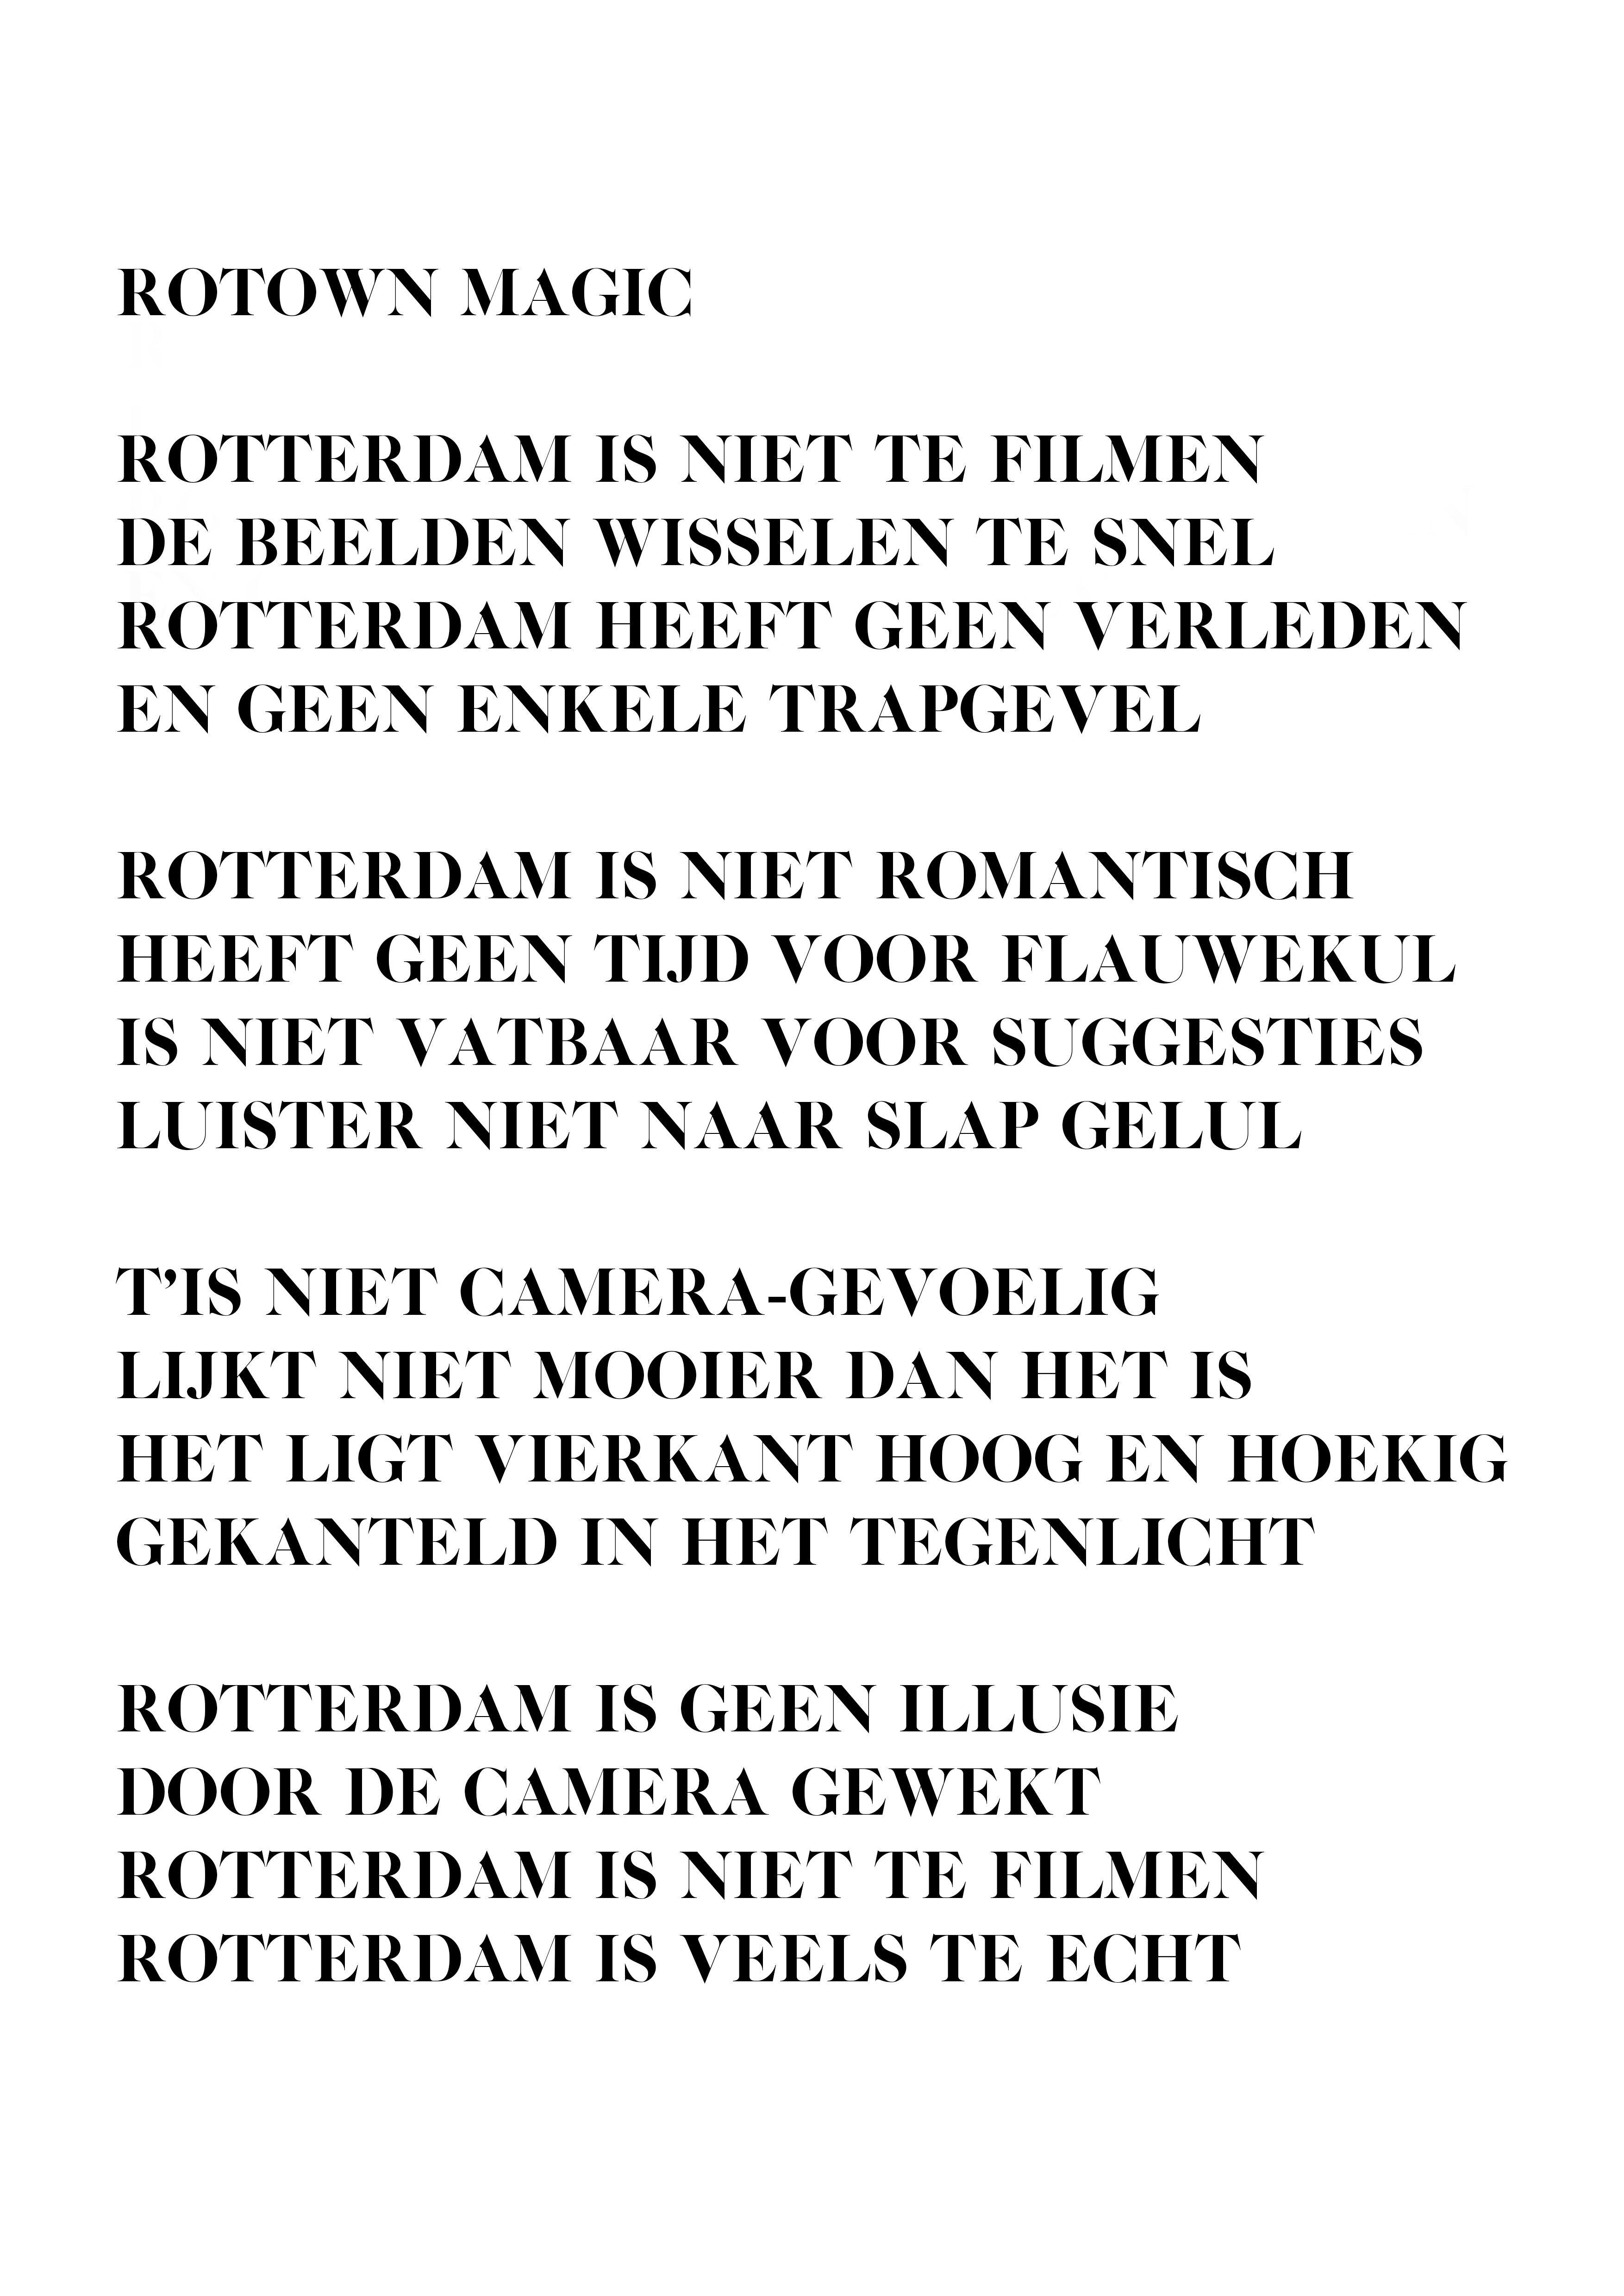 Pin Van N Veld Op Kunst Rotterdam Citaten En Nederland